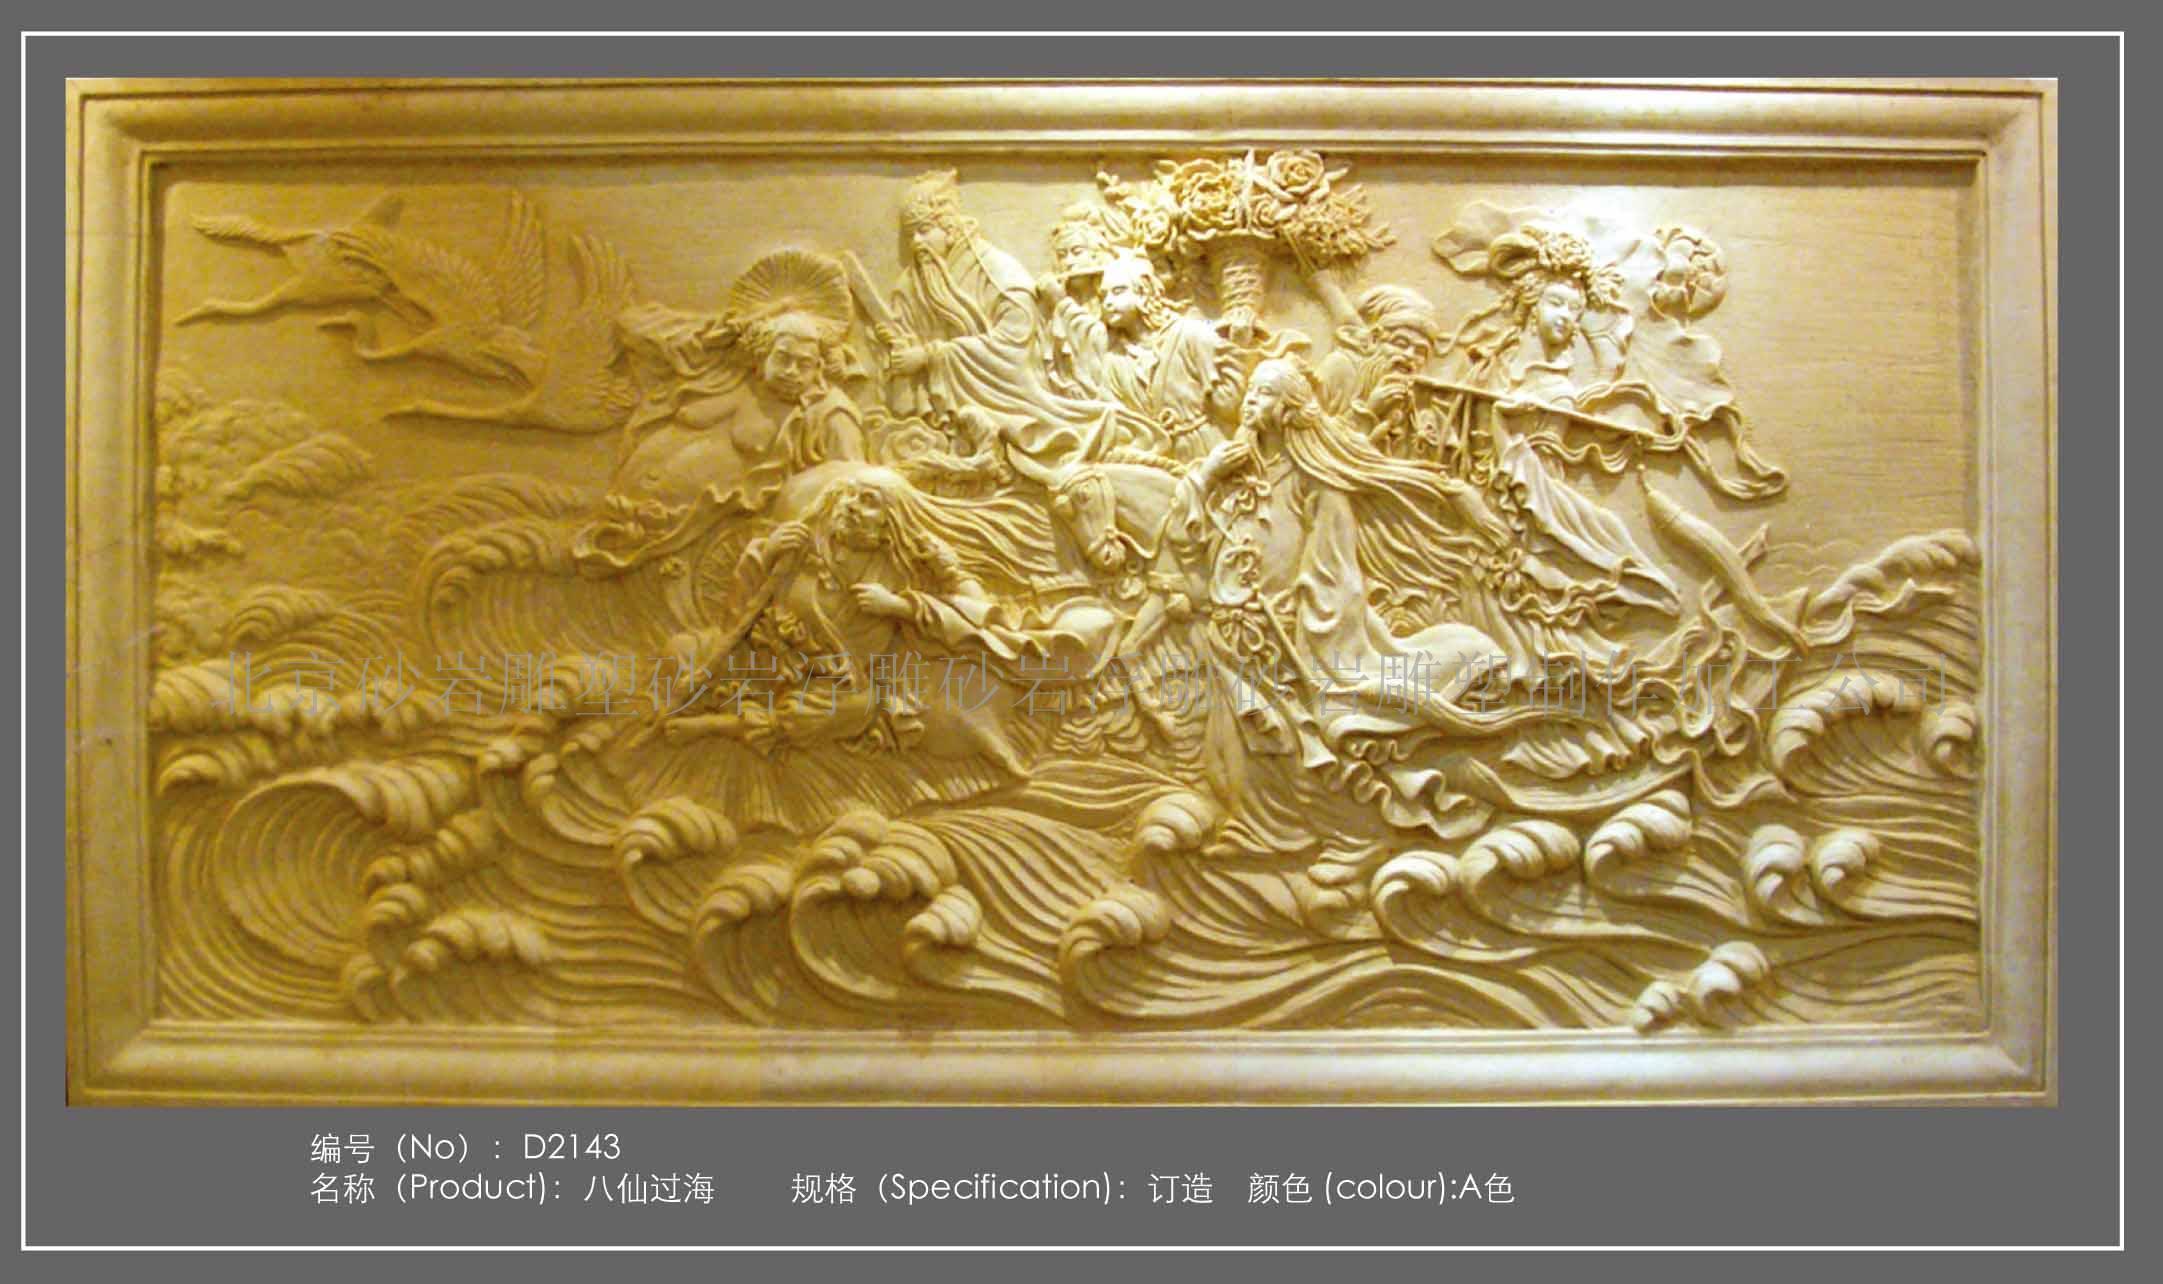 供应 砂岩 雕塑加工 北京 砂岩 雕塑定制 北京 砂岩图片